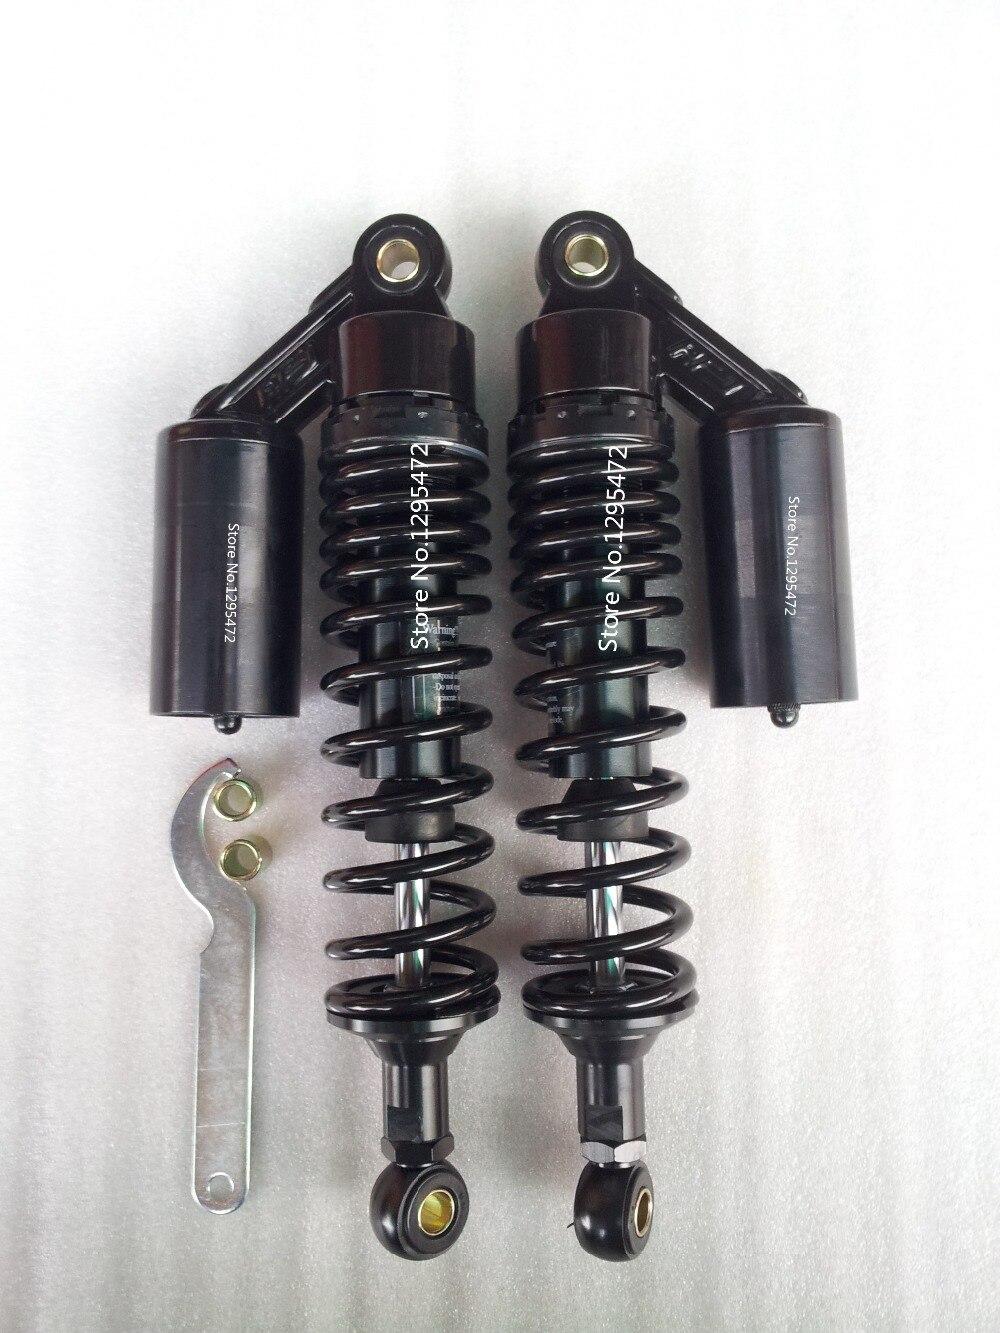 Новые все черный 340 мм 8 мм весна задние воздуха Амортизаторы для cb400 99-11 vtec 92-98 sf xjr400 грязи Gokart ATV мотоцикл